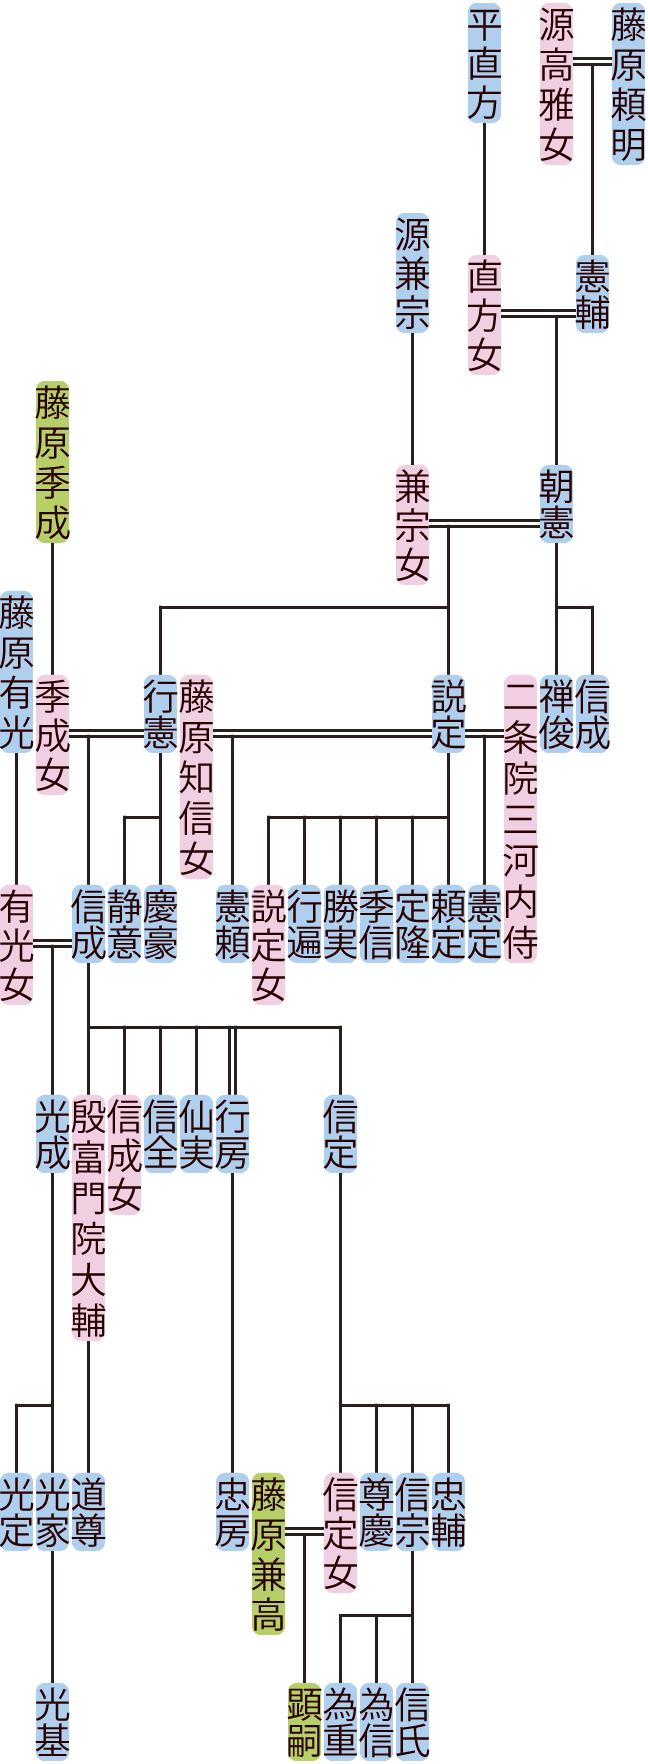 藤原朝憲の系図